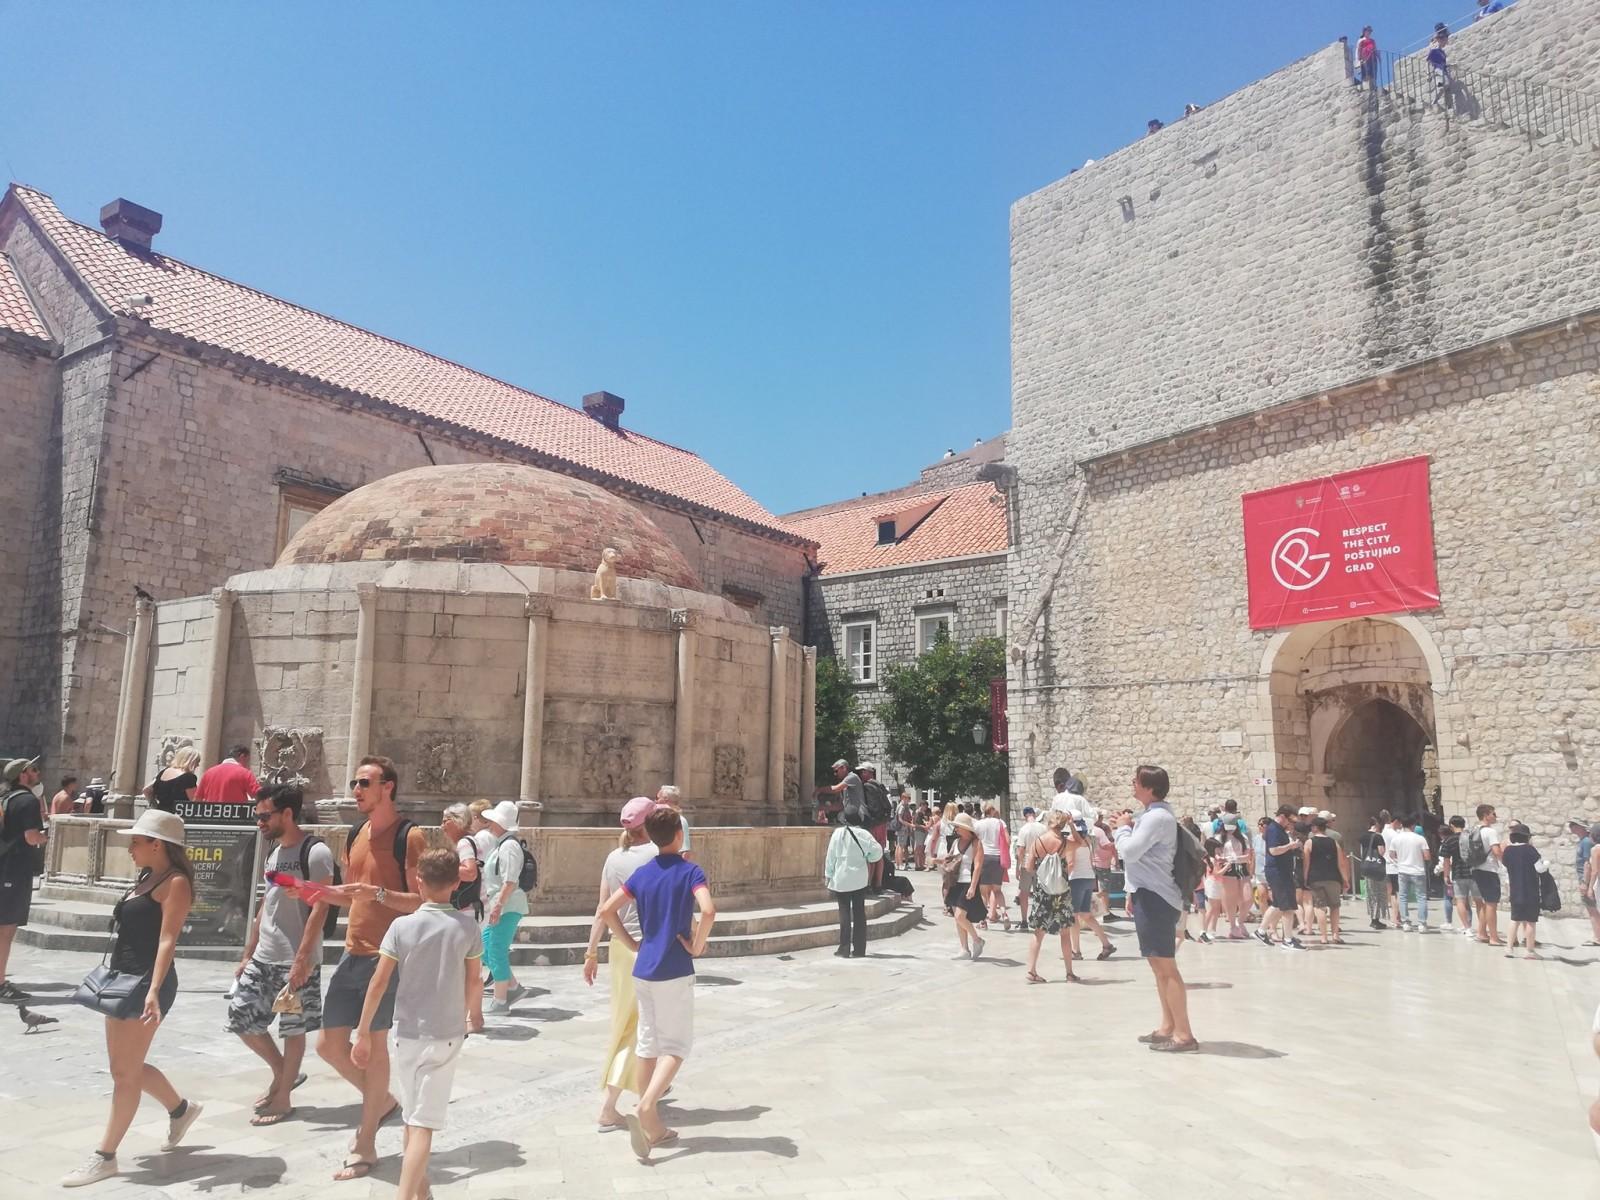 Odluka o visini turističke pristojbe za 2021. godinu (za Grad Dubrovnik) - Obavijest